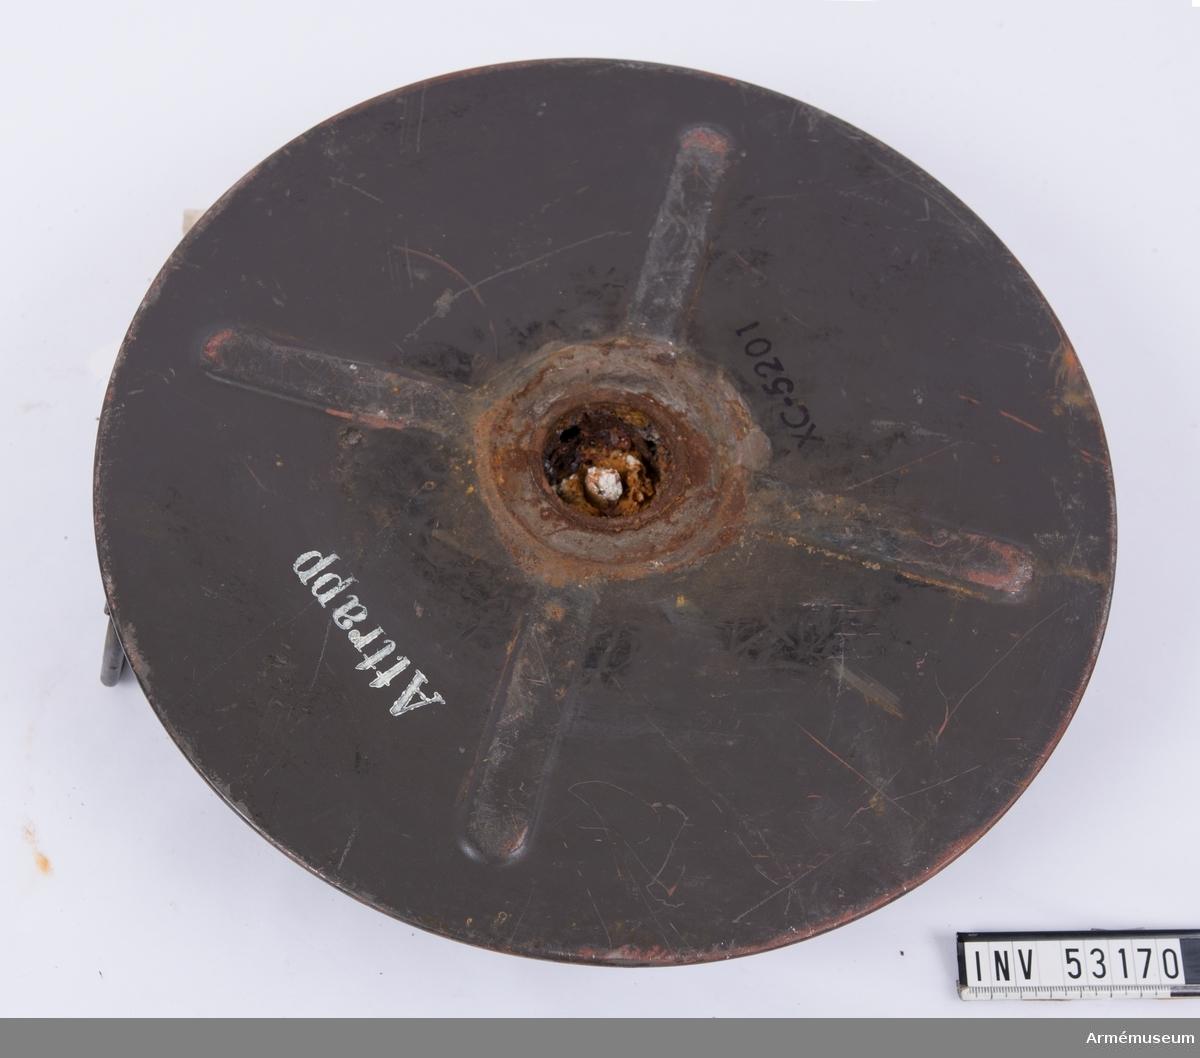 Grupp E V, F III, G III. Blind men märkt som skarp ammunition. Mintändaren är grönmålad och därmed åskåd.